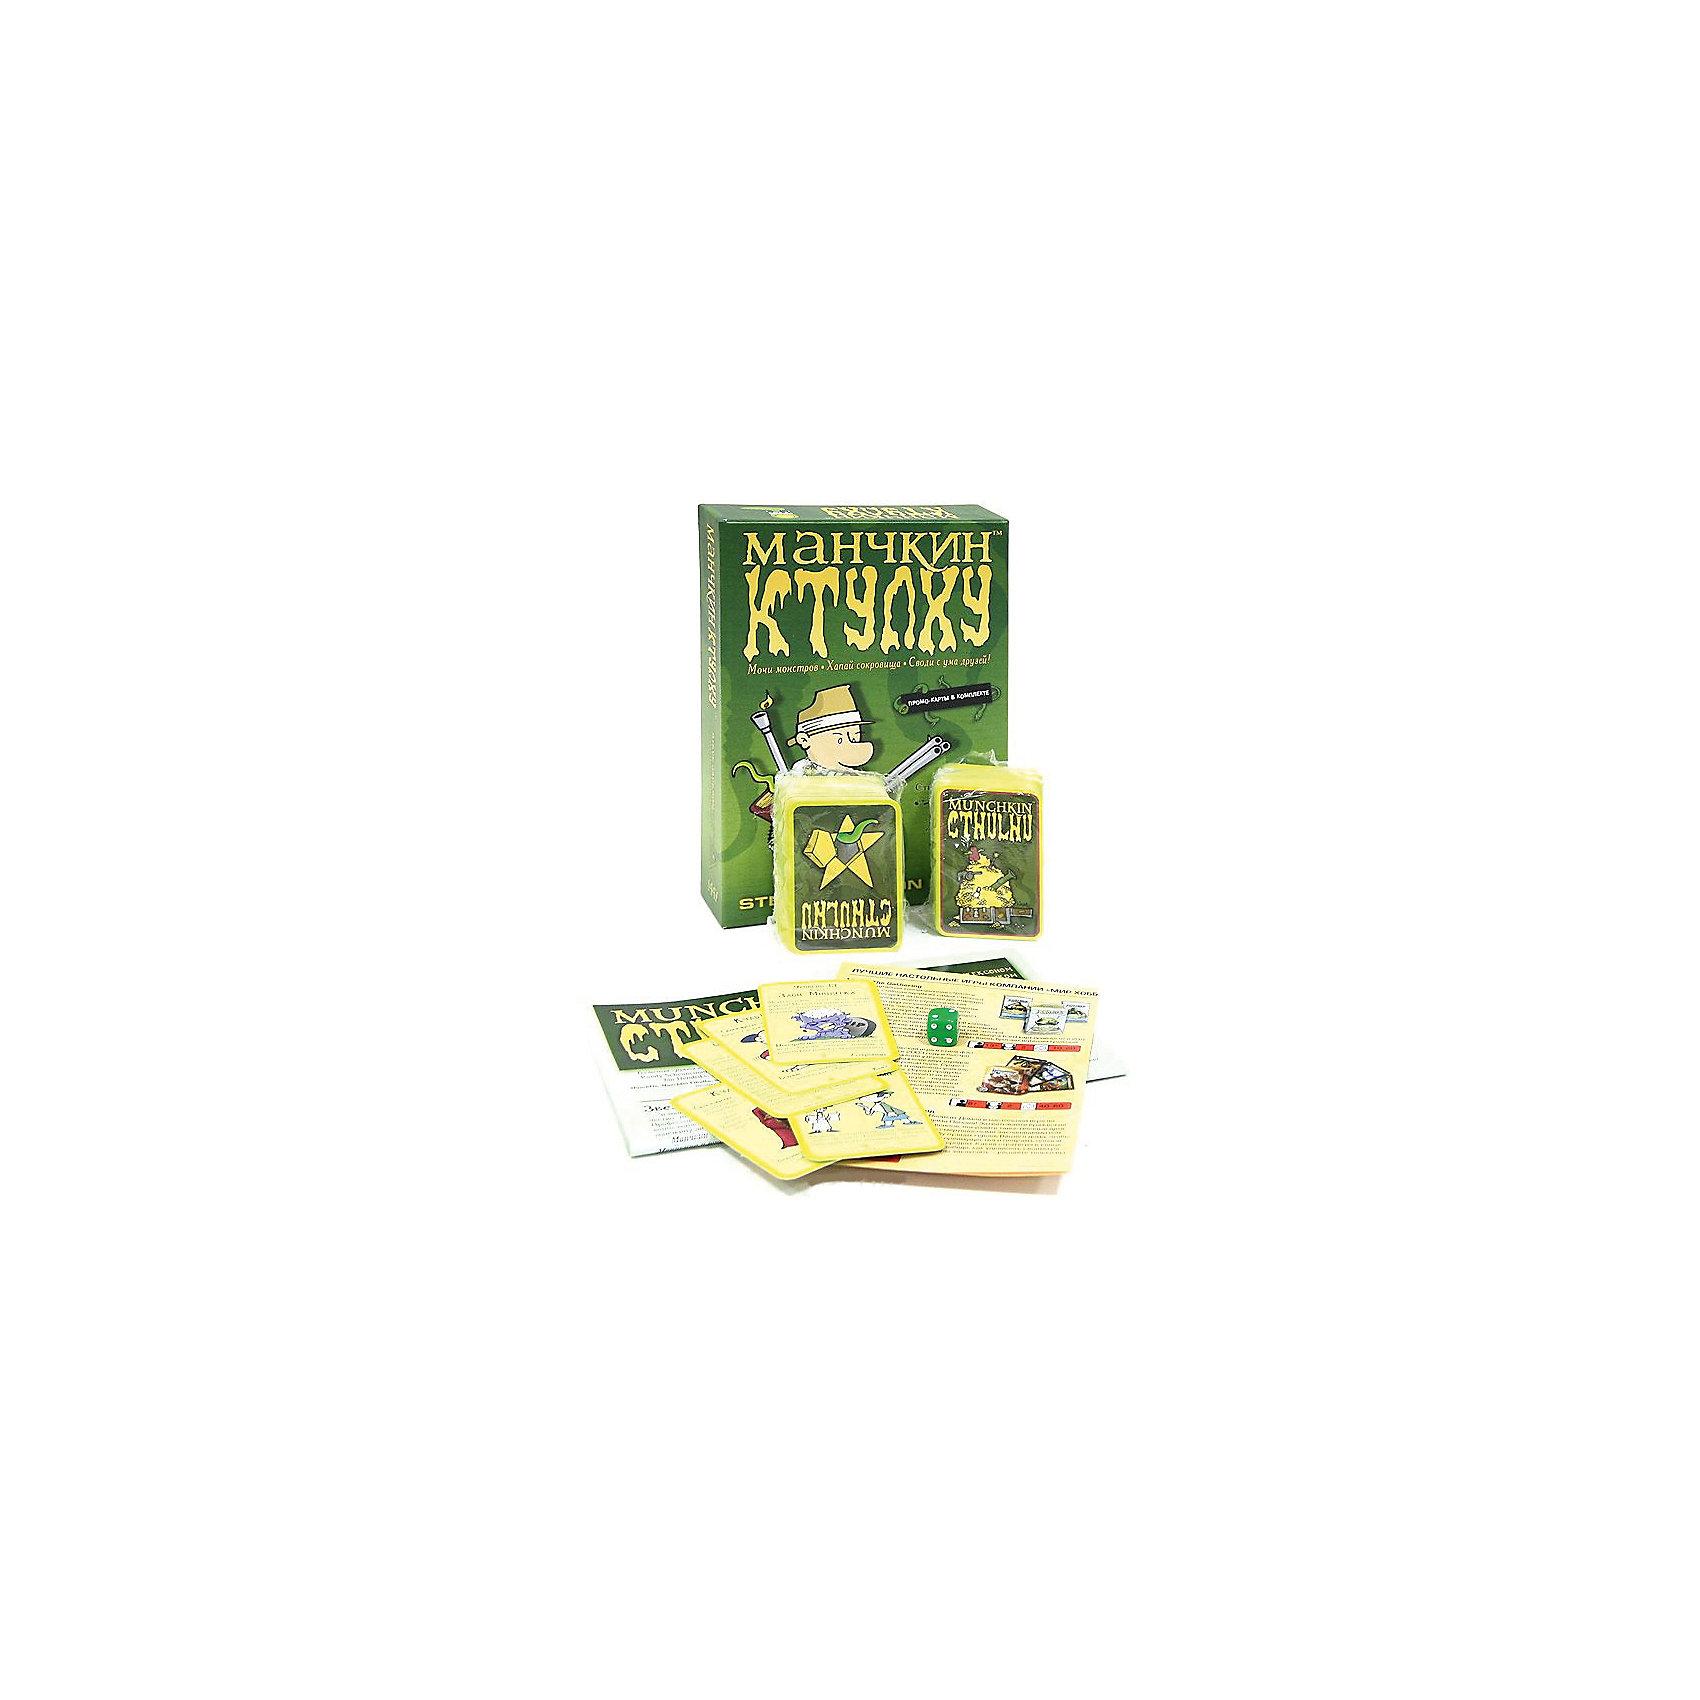 Манчкин Ктулху, Hobby WorldКарточные игры<br>Готов ли ты заглянуть в глаза величайшей опасности? Твои друзья (они же — злобные последователи Ктулху) вышли на охоту за твоей жизнью, твоим рассудком, твоими уровнями! <br><br>Настольная игра «Манчкин Ктулху» - это очередная пародийная карточная игра для 3-6 человек из серии «Манчкин», которая наследует традиции оригинала и вполне сочетается как с ним, так и со всеми прочими карточными играми в серии, но вполне самодостаточна и оригинальна сама по себе. Нам вновь предстоит отправиться всем вместе в приключение, странствовать и открывать двери, сражать монстров и хапать сокровища, не забывая расти до 10-го уровня ураганными темпами. При этом никуда не исчез оригинальный пародийный юмор и фирменные иллюстрации Джона Ковалика.<br>В «Манчкине Ктулху» монстробои, сыщики, профессора и культисты борются с жуткими потусторонними монстрами. Изучите старинный Некрогномикон и узнайте, можно ли одолеть Кваггота, как победить Невыговариваемое Зло и легко ли противостоять мозгоразрушительному обаянию Чибитулху. <br><br>Безумие — ничто. Победа — всё!<br><br>Ширина мм: 157<br>Глубина мм: 235<br>Высота мм: 50<br>Вес г: 450<br>Возраст от месяцев: 120<br>Возраст до месяцев: 1188<br>Пол: Унисекс<br>Возраст: Детский<br>SKU: 3202201